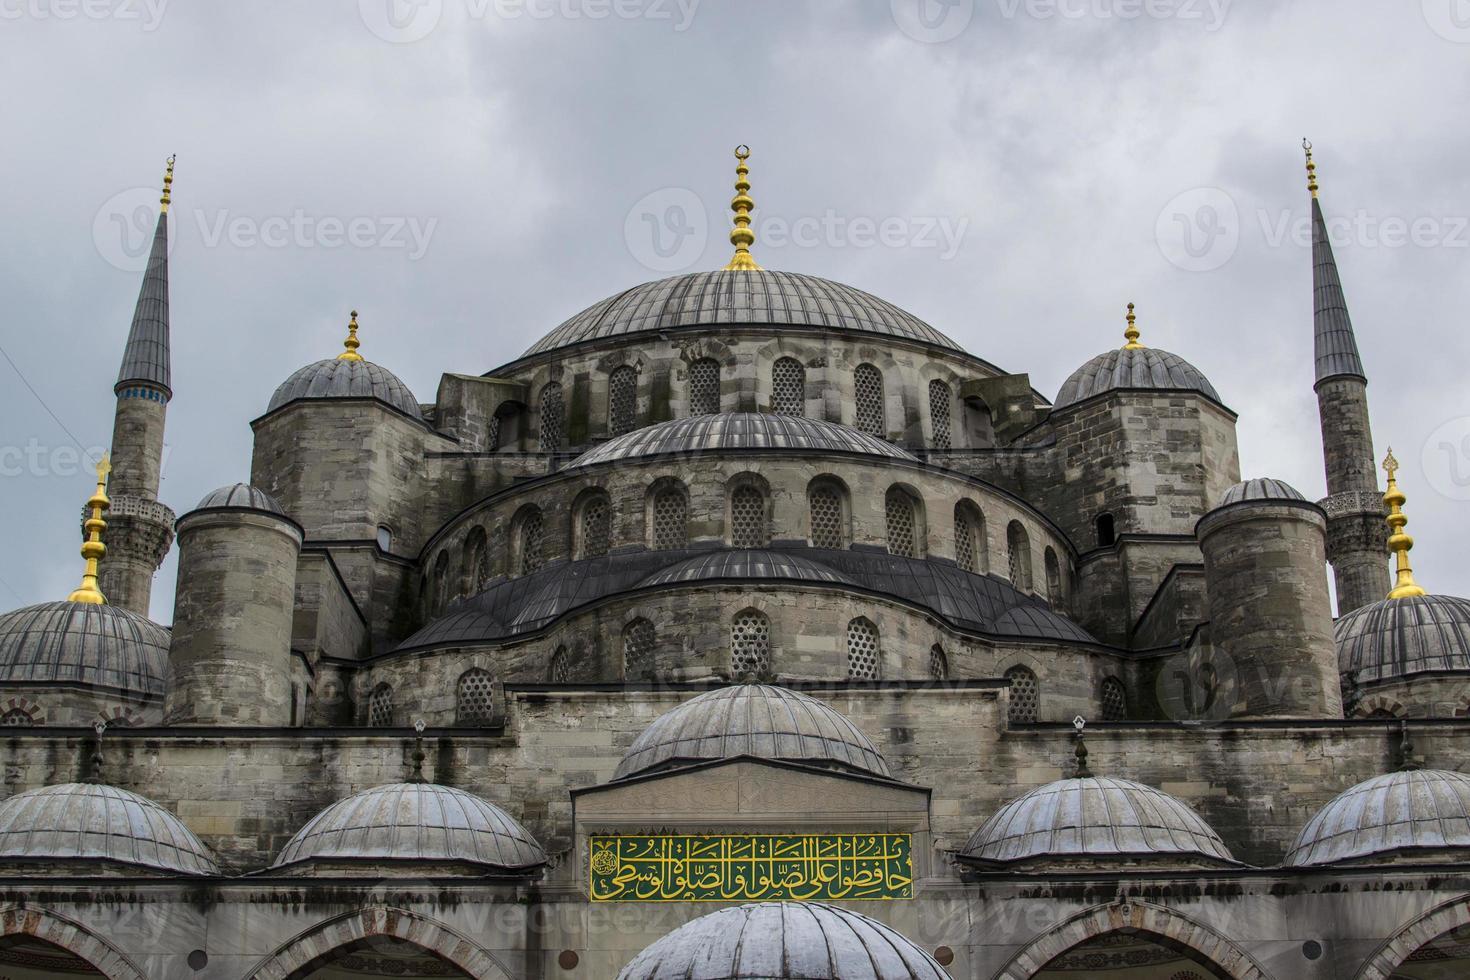 sultan ahmed moskee in istanbul, turkije foto